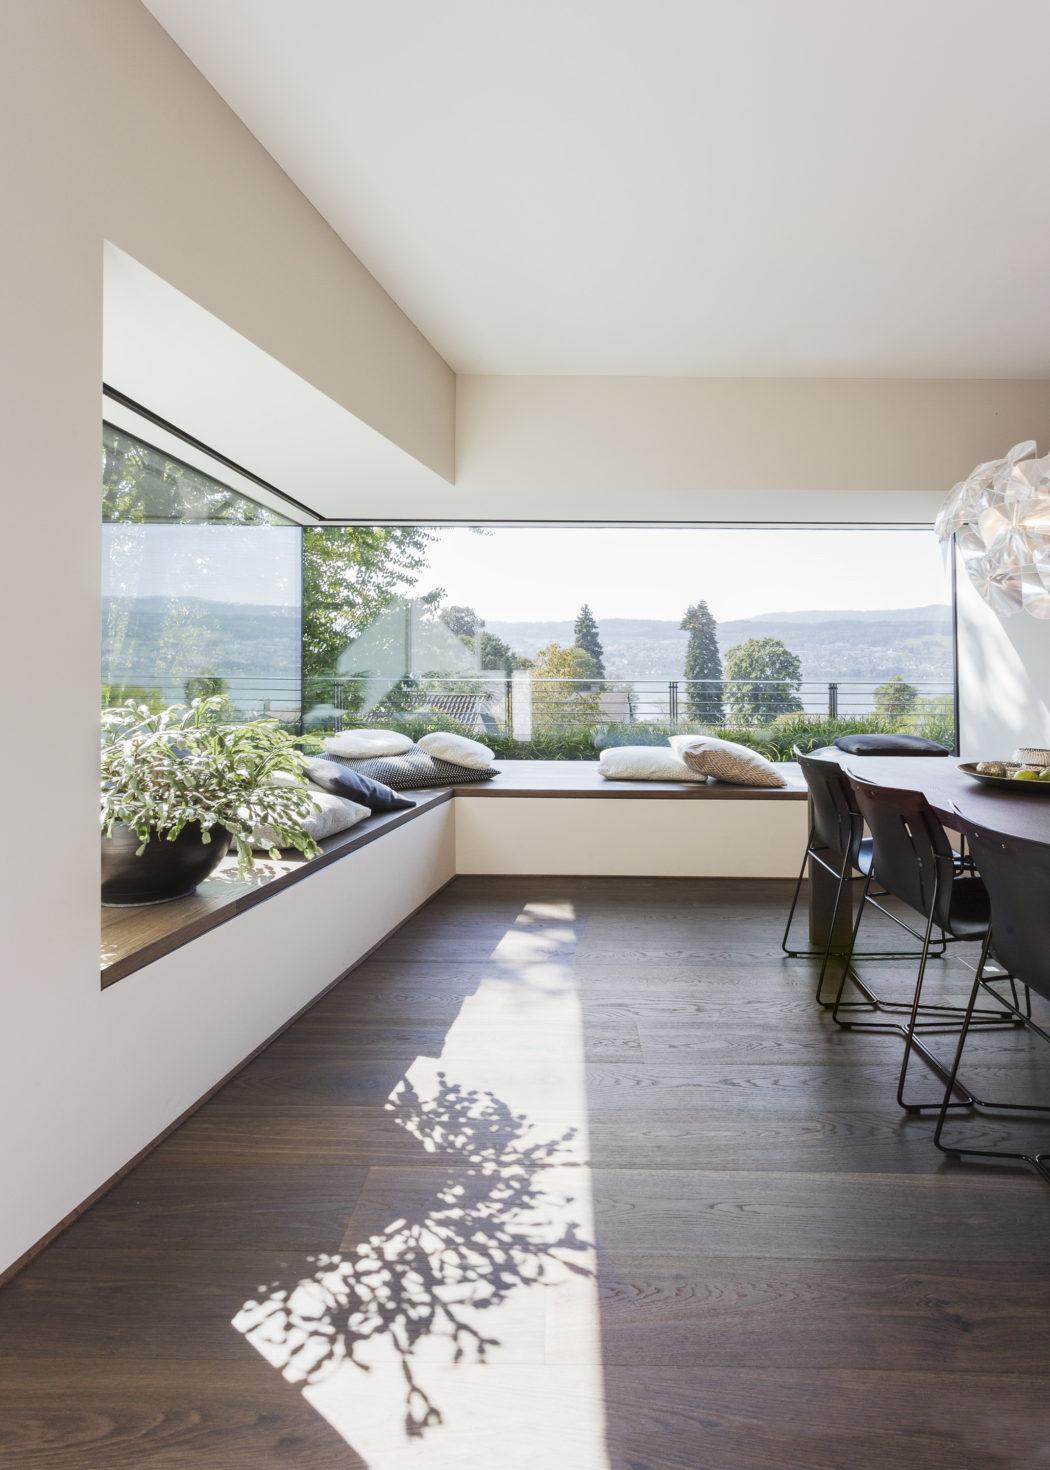 House in zurich by meier architekten homeadore for Modern house zurich